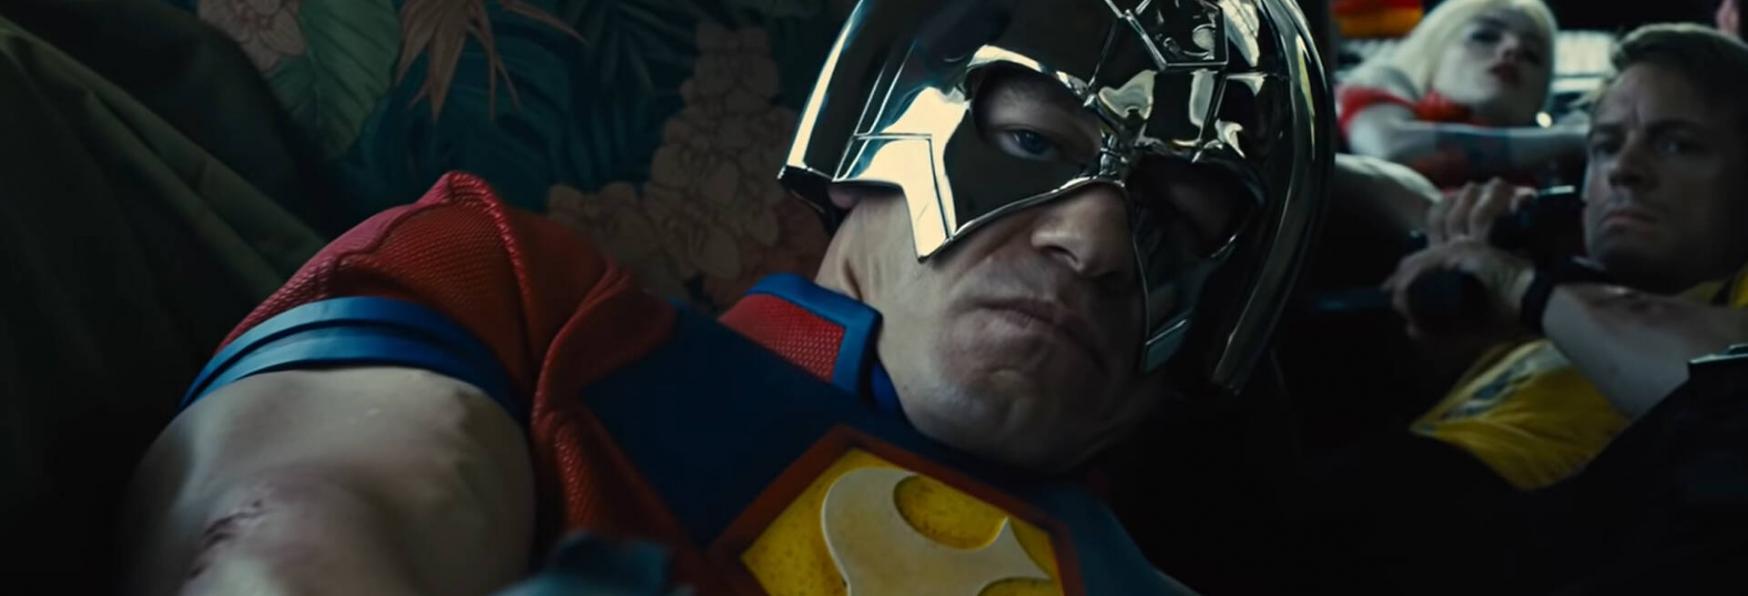 Peacemaker: James Gunn annuncia la Data di Uscita della Serie TV Spin-off